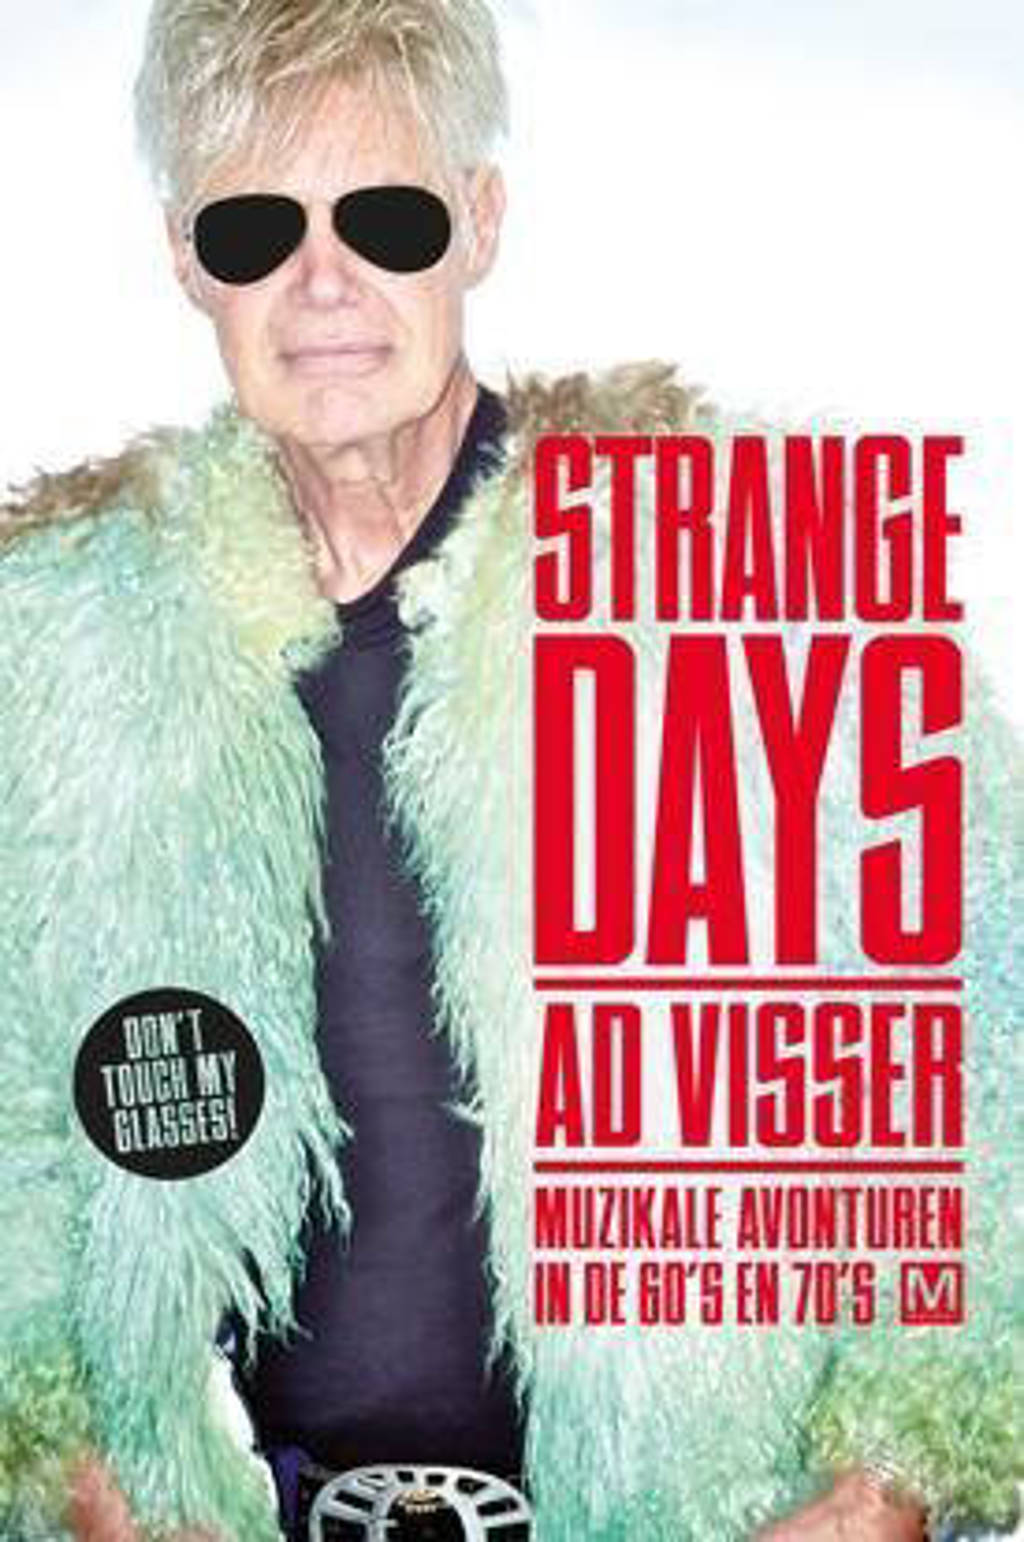 Strange days - Ad Visser